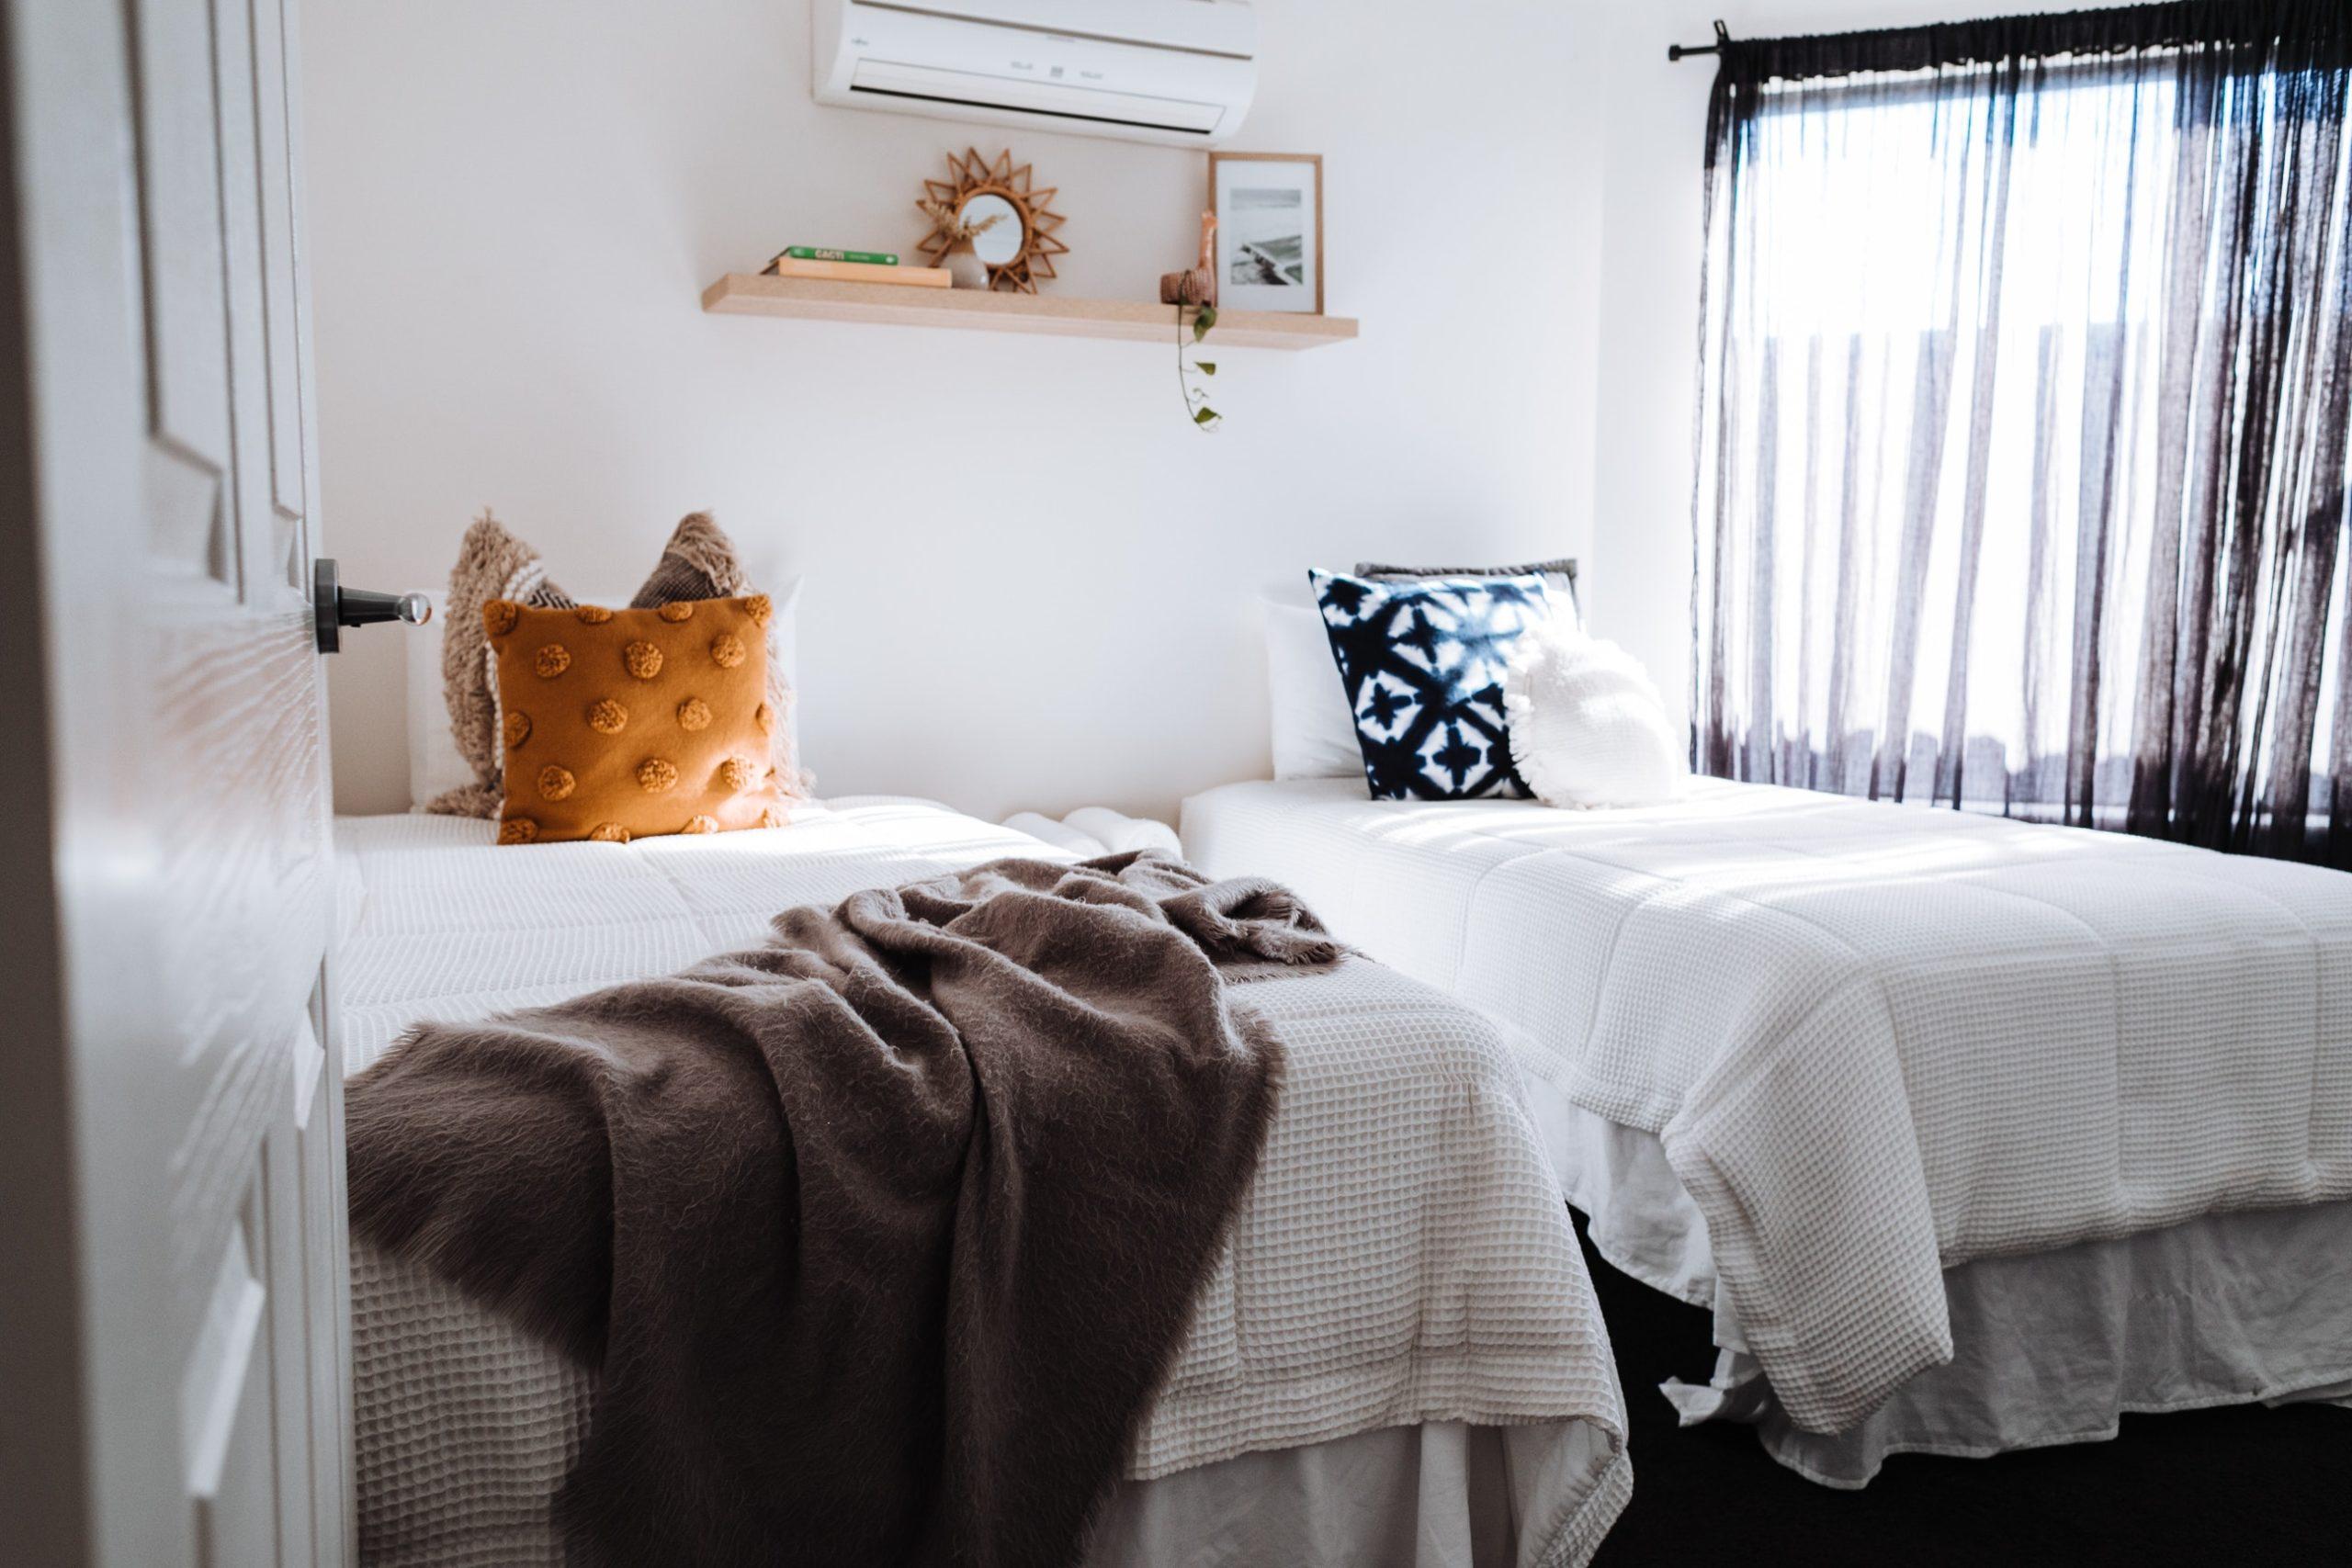 zwei Luftbetten in einem Hotelzimmer